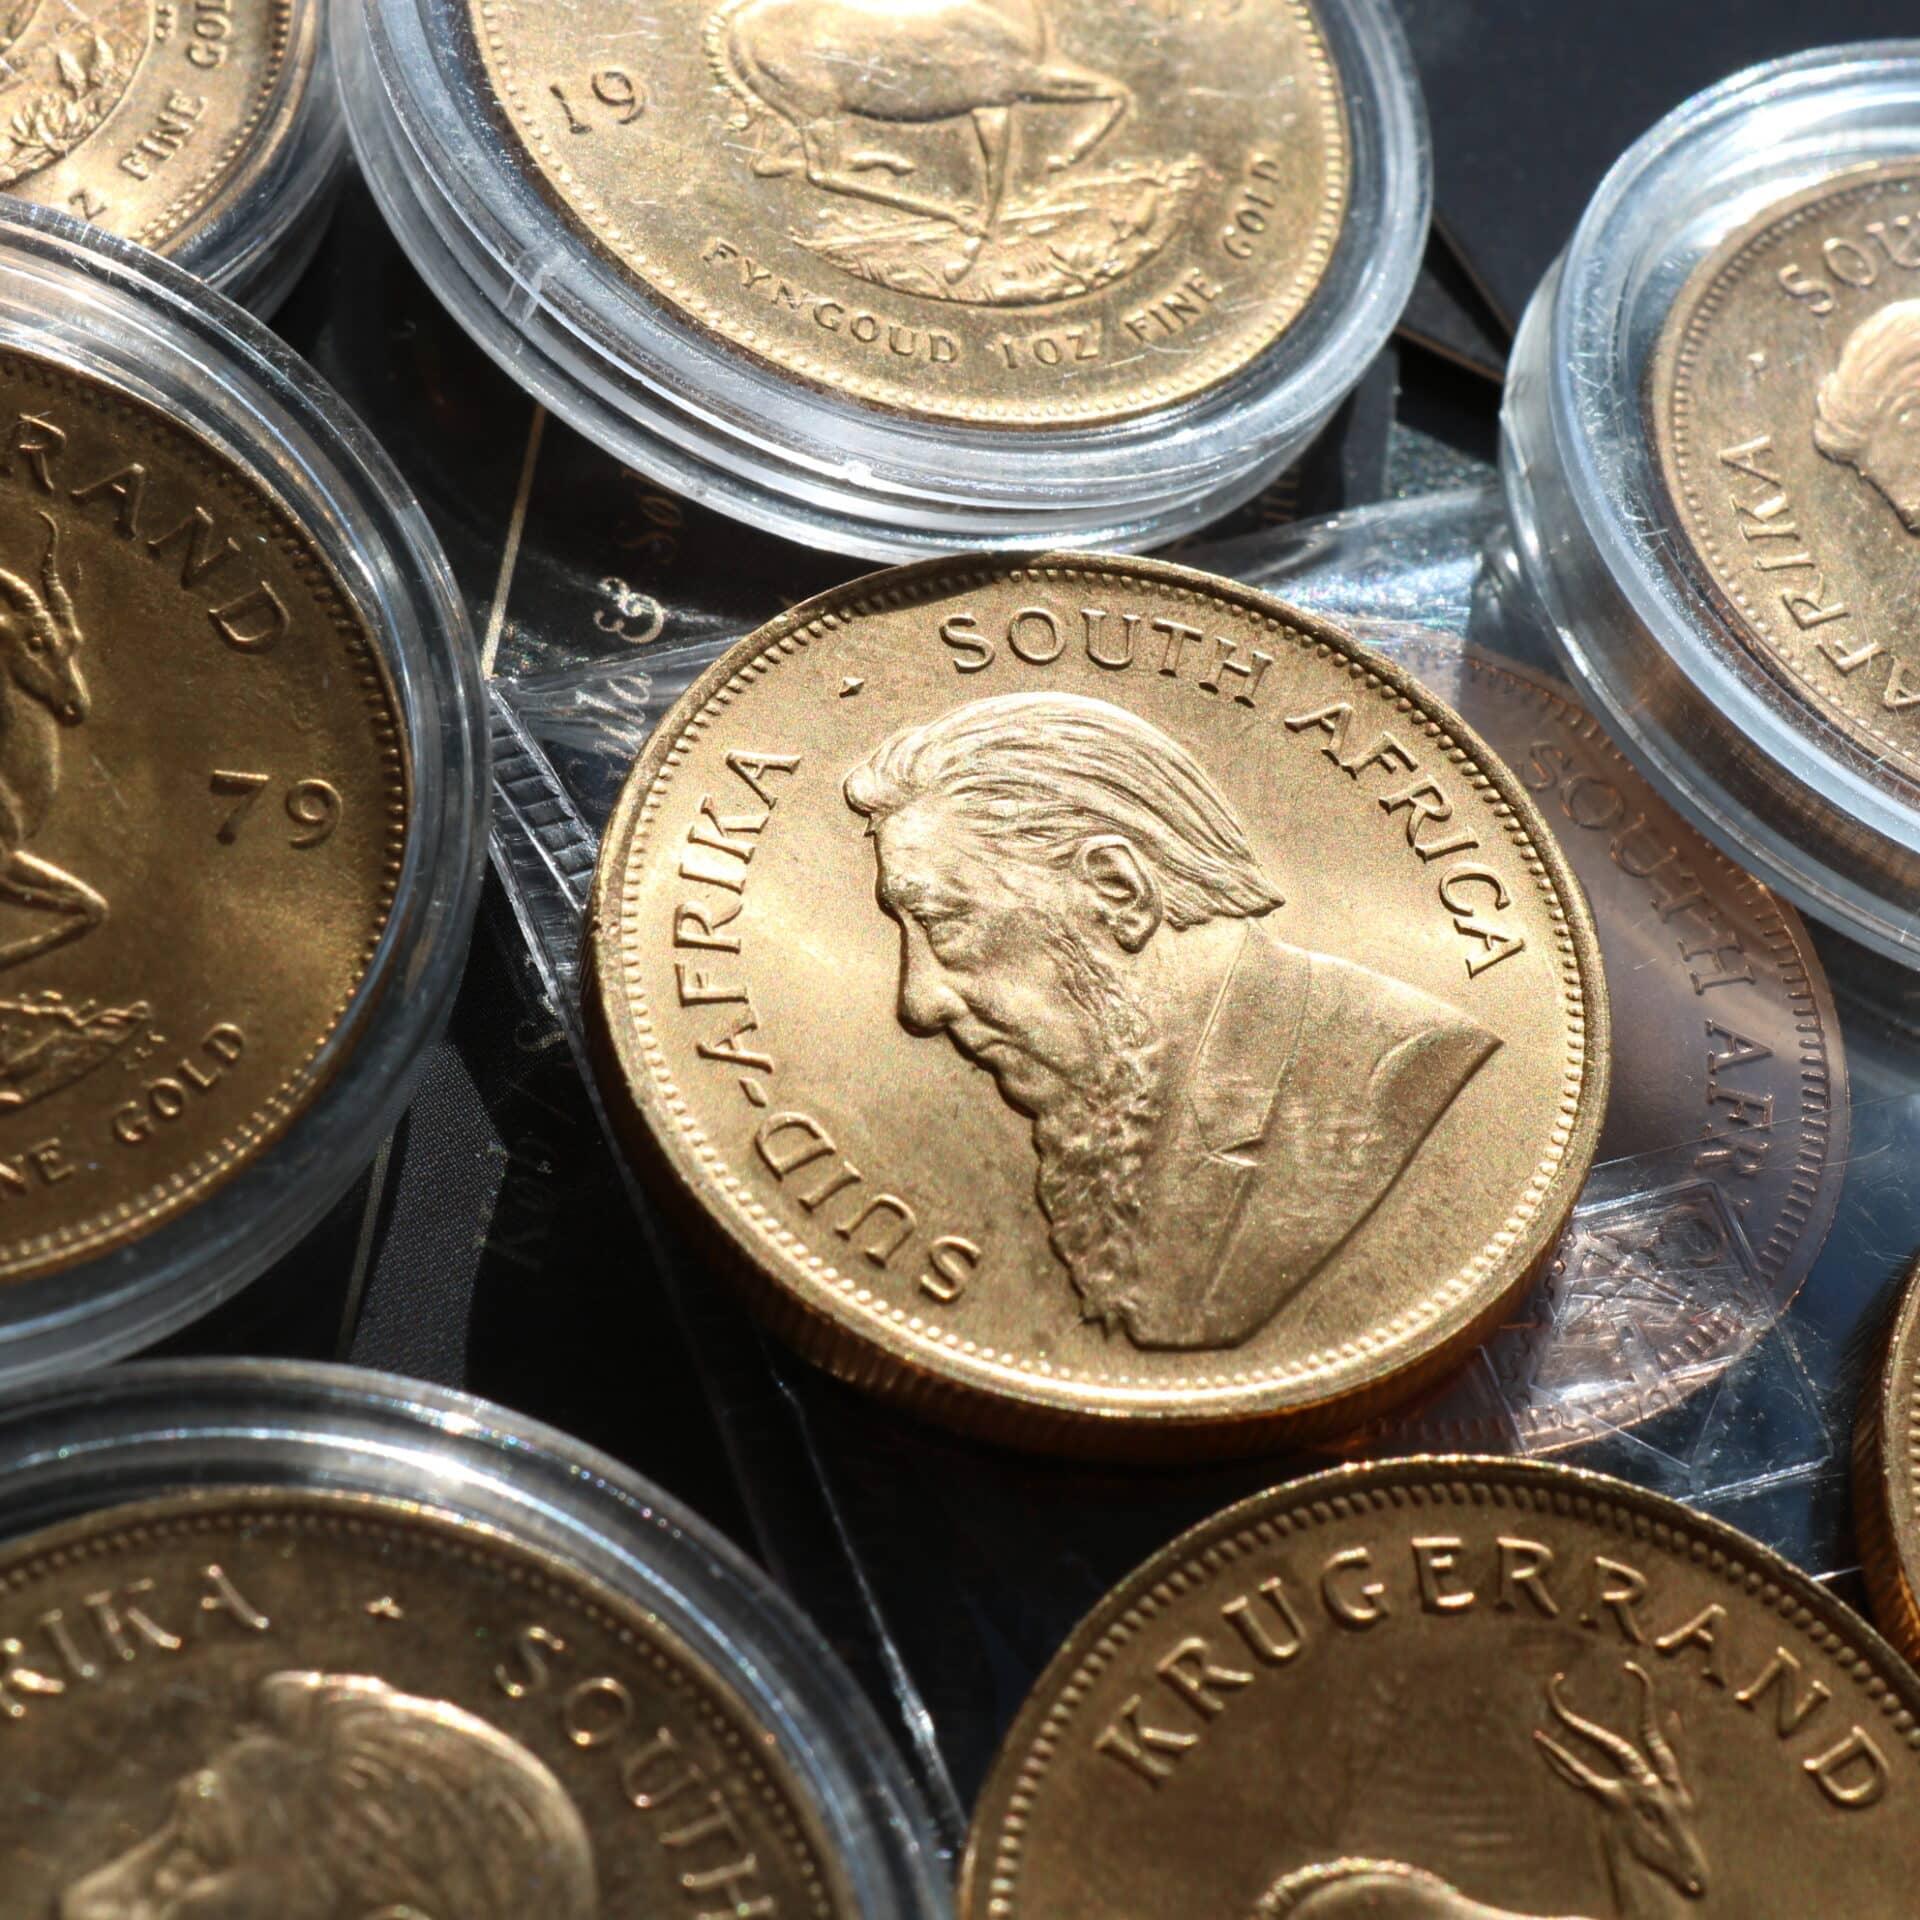 pr mønter guldpriser